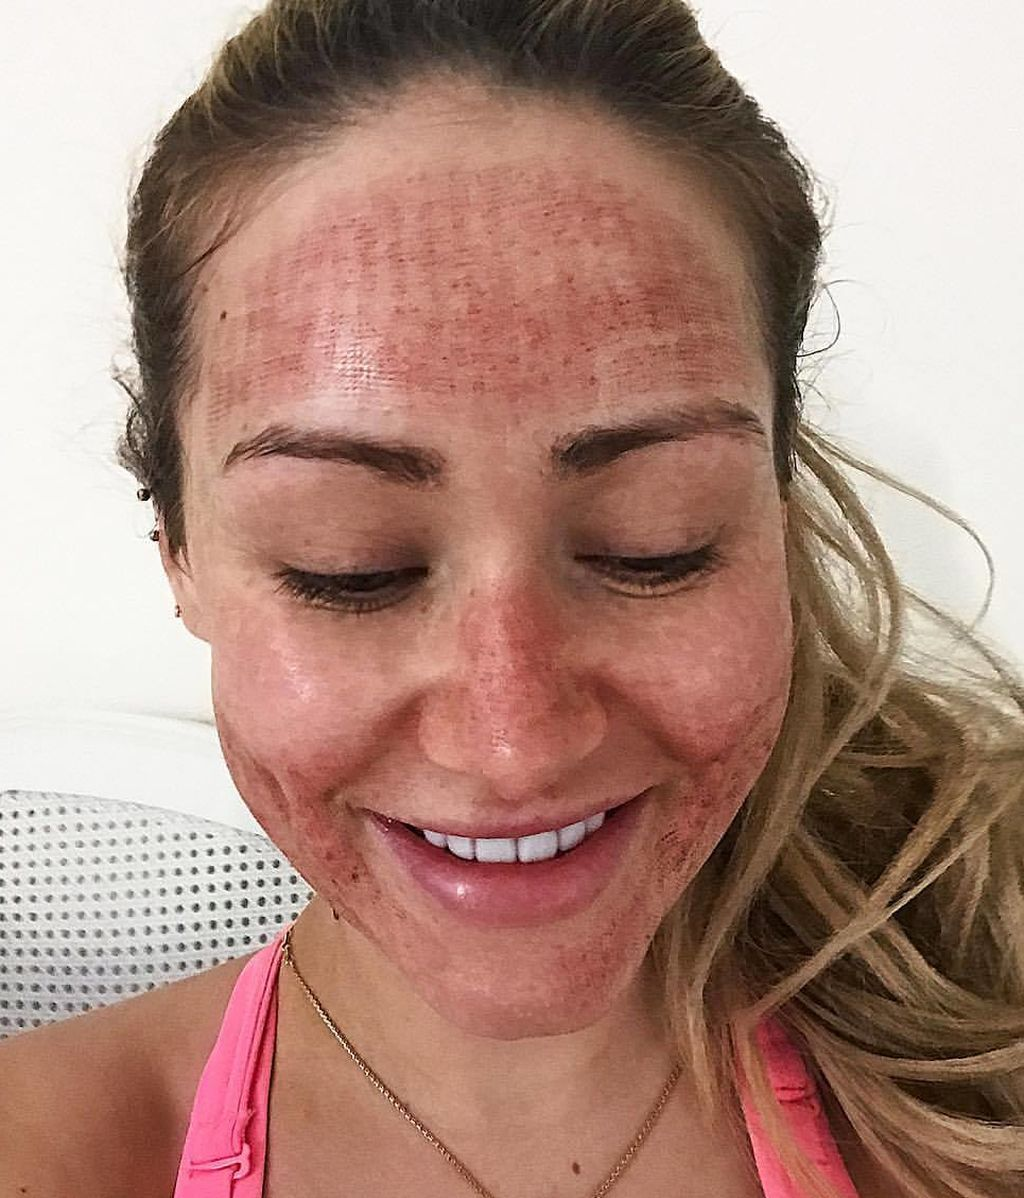 Una estrella de la red revela que ha logrado acabar con su acné facial gracias a un tratamiento de láser